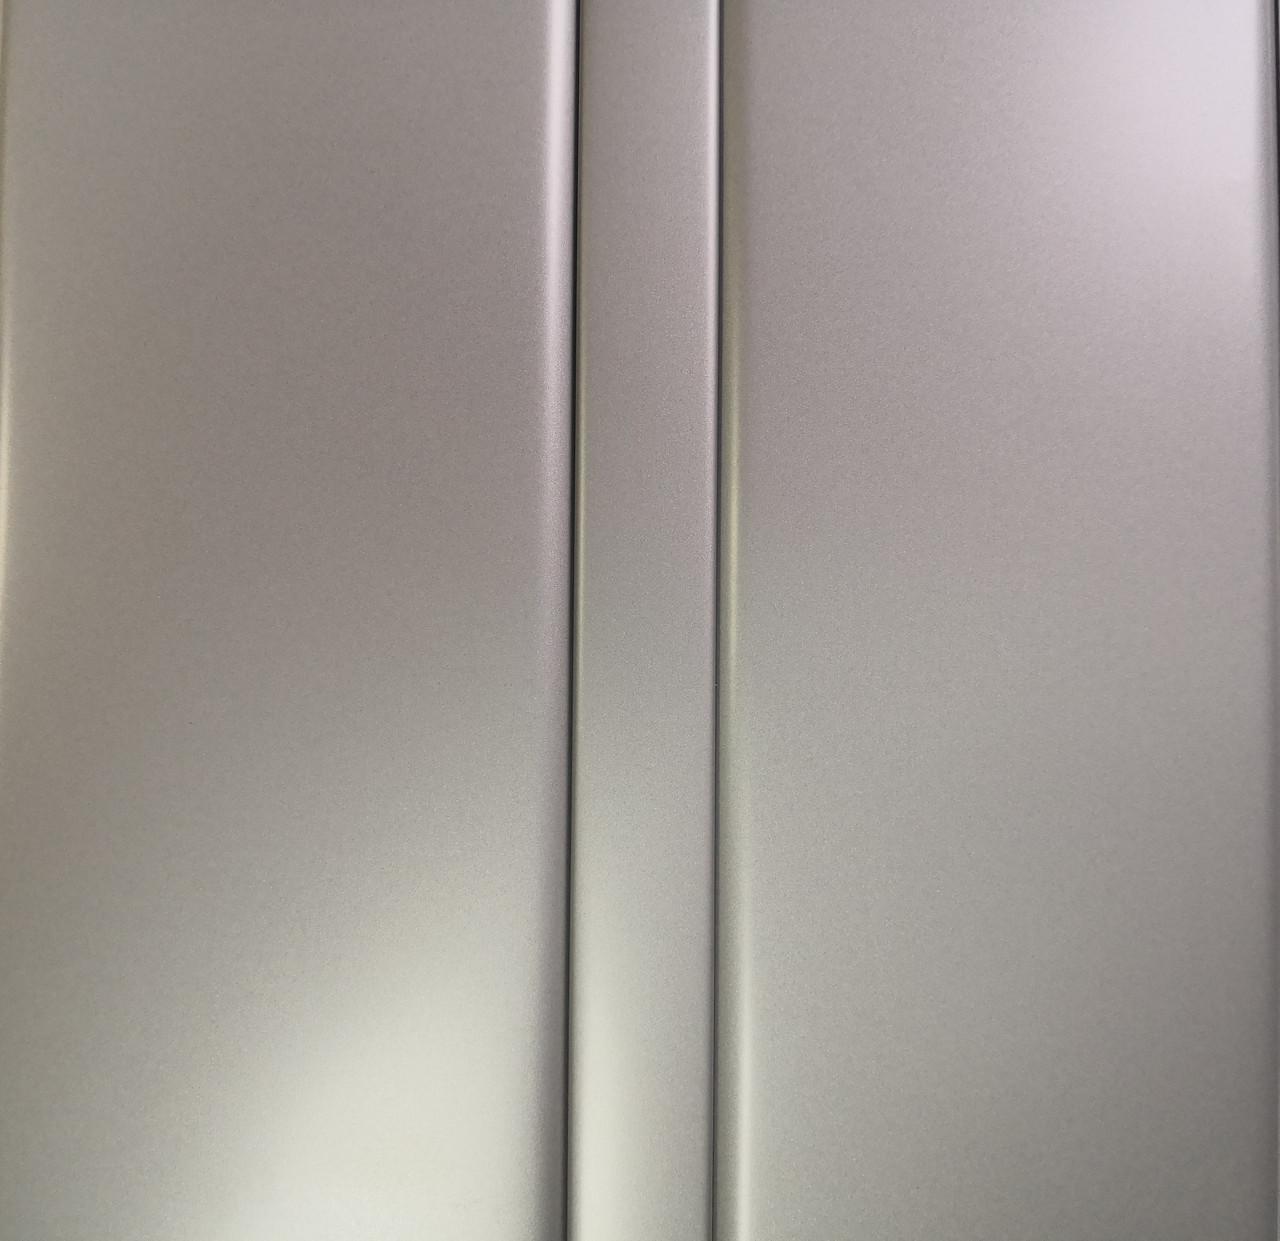 Реечный алюминиевый потолок Allux серебро металлик комплект 150 см х 200 см